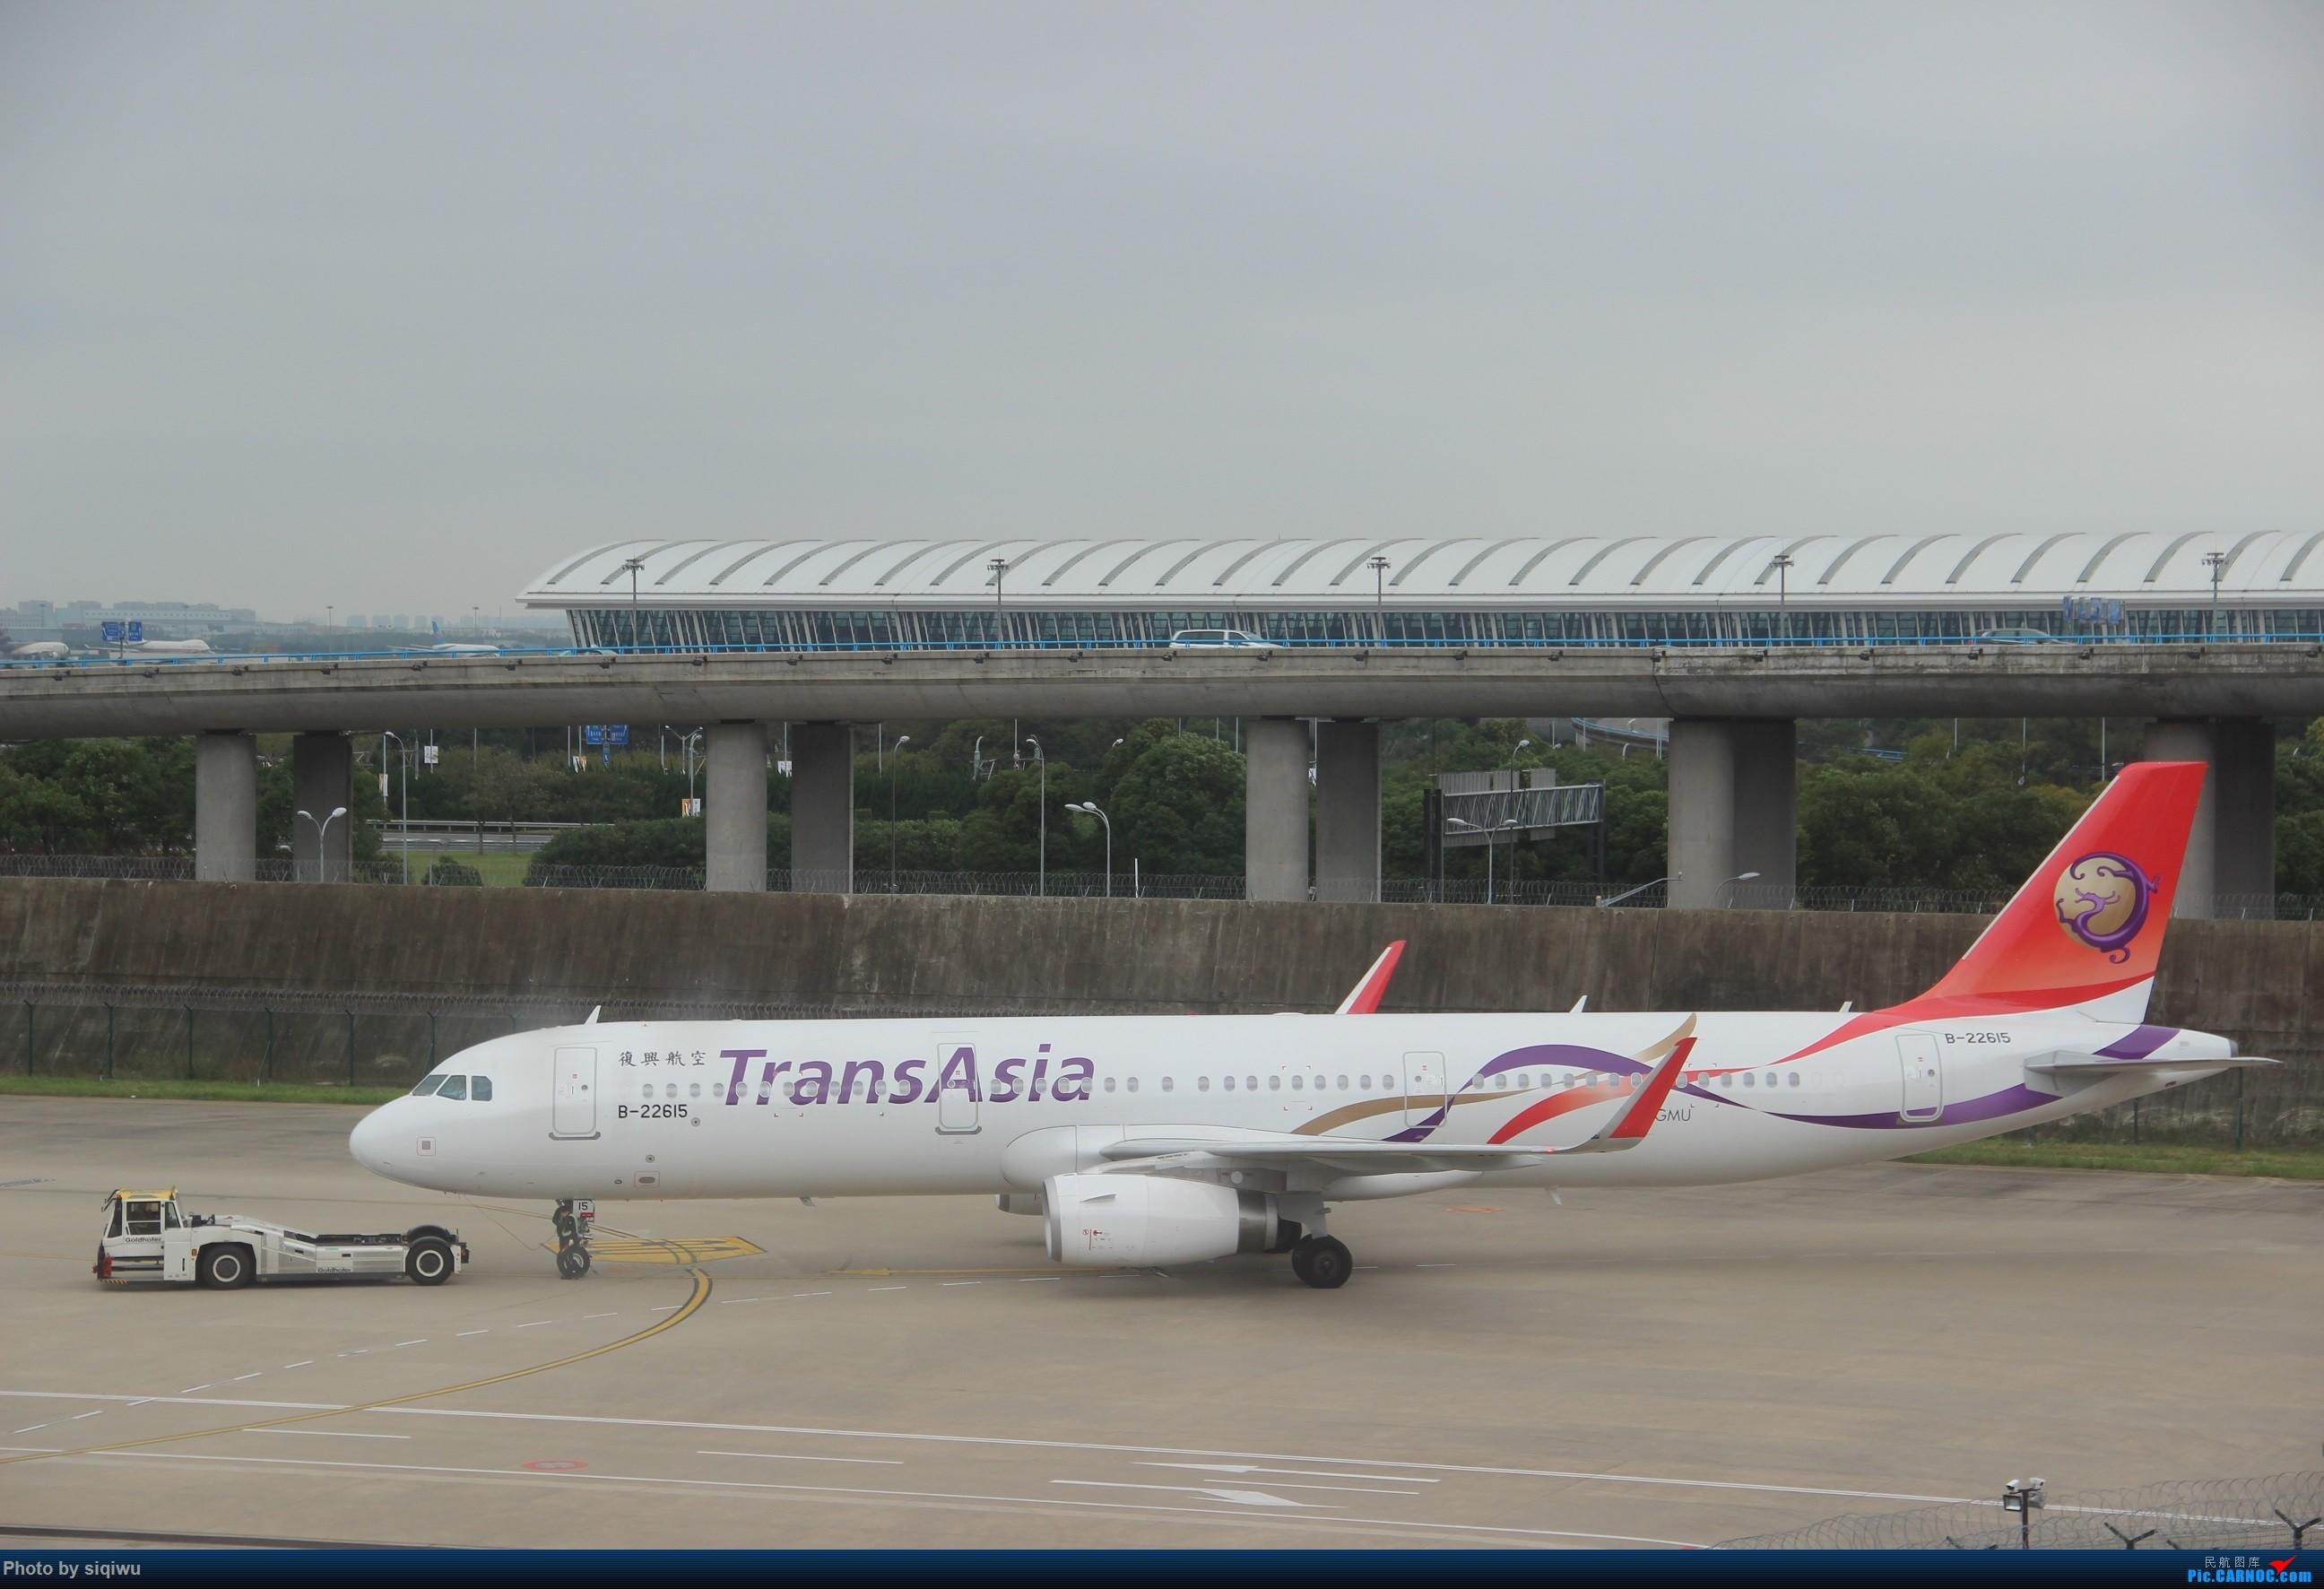 Re:[原创]PVG-HKG-KUL-HKG-PVG 四天往返,CX/KA AIRBUS A321-200  中国上海浦东国际机场